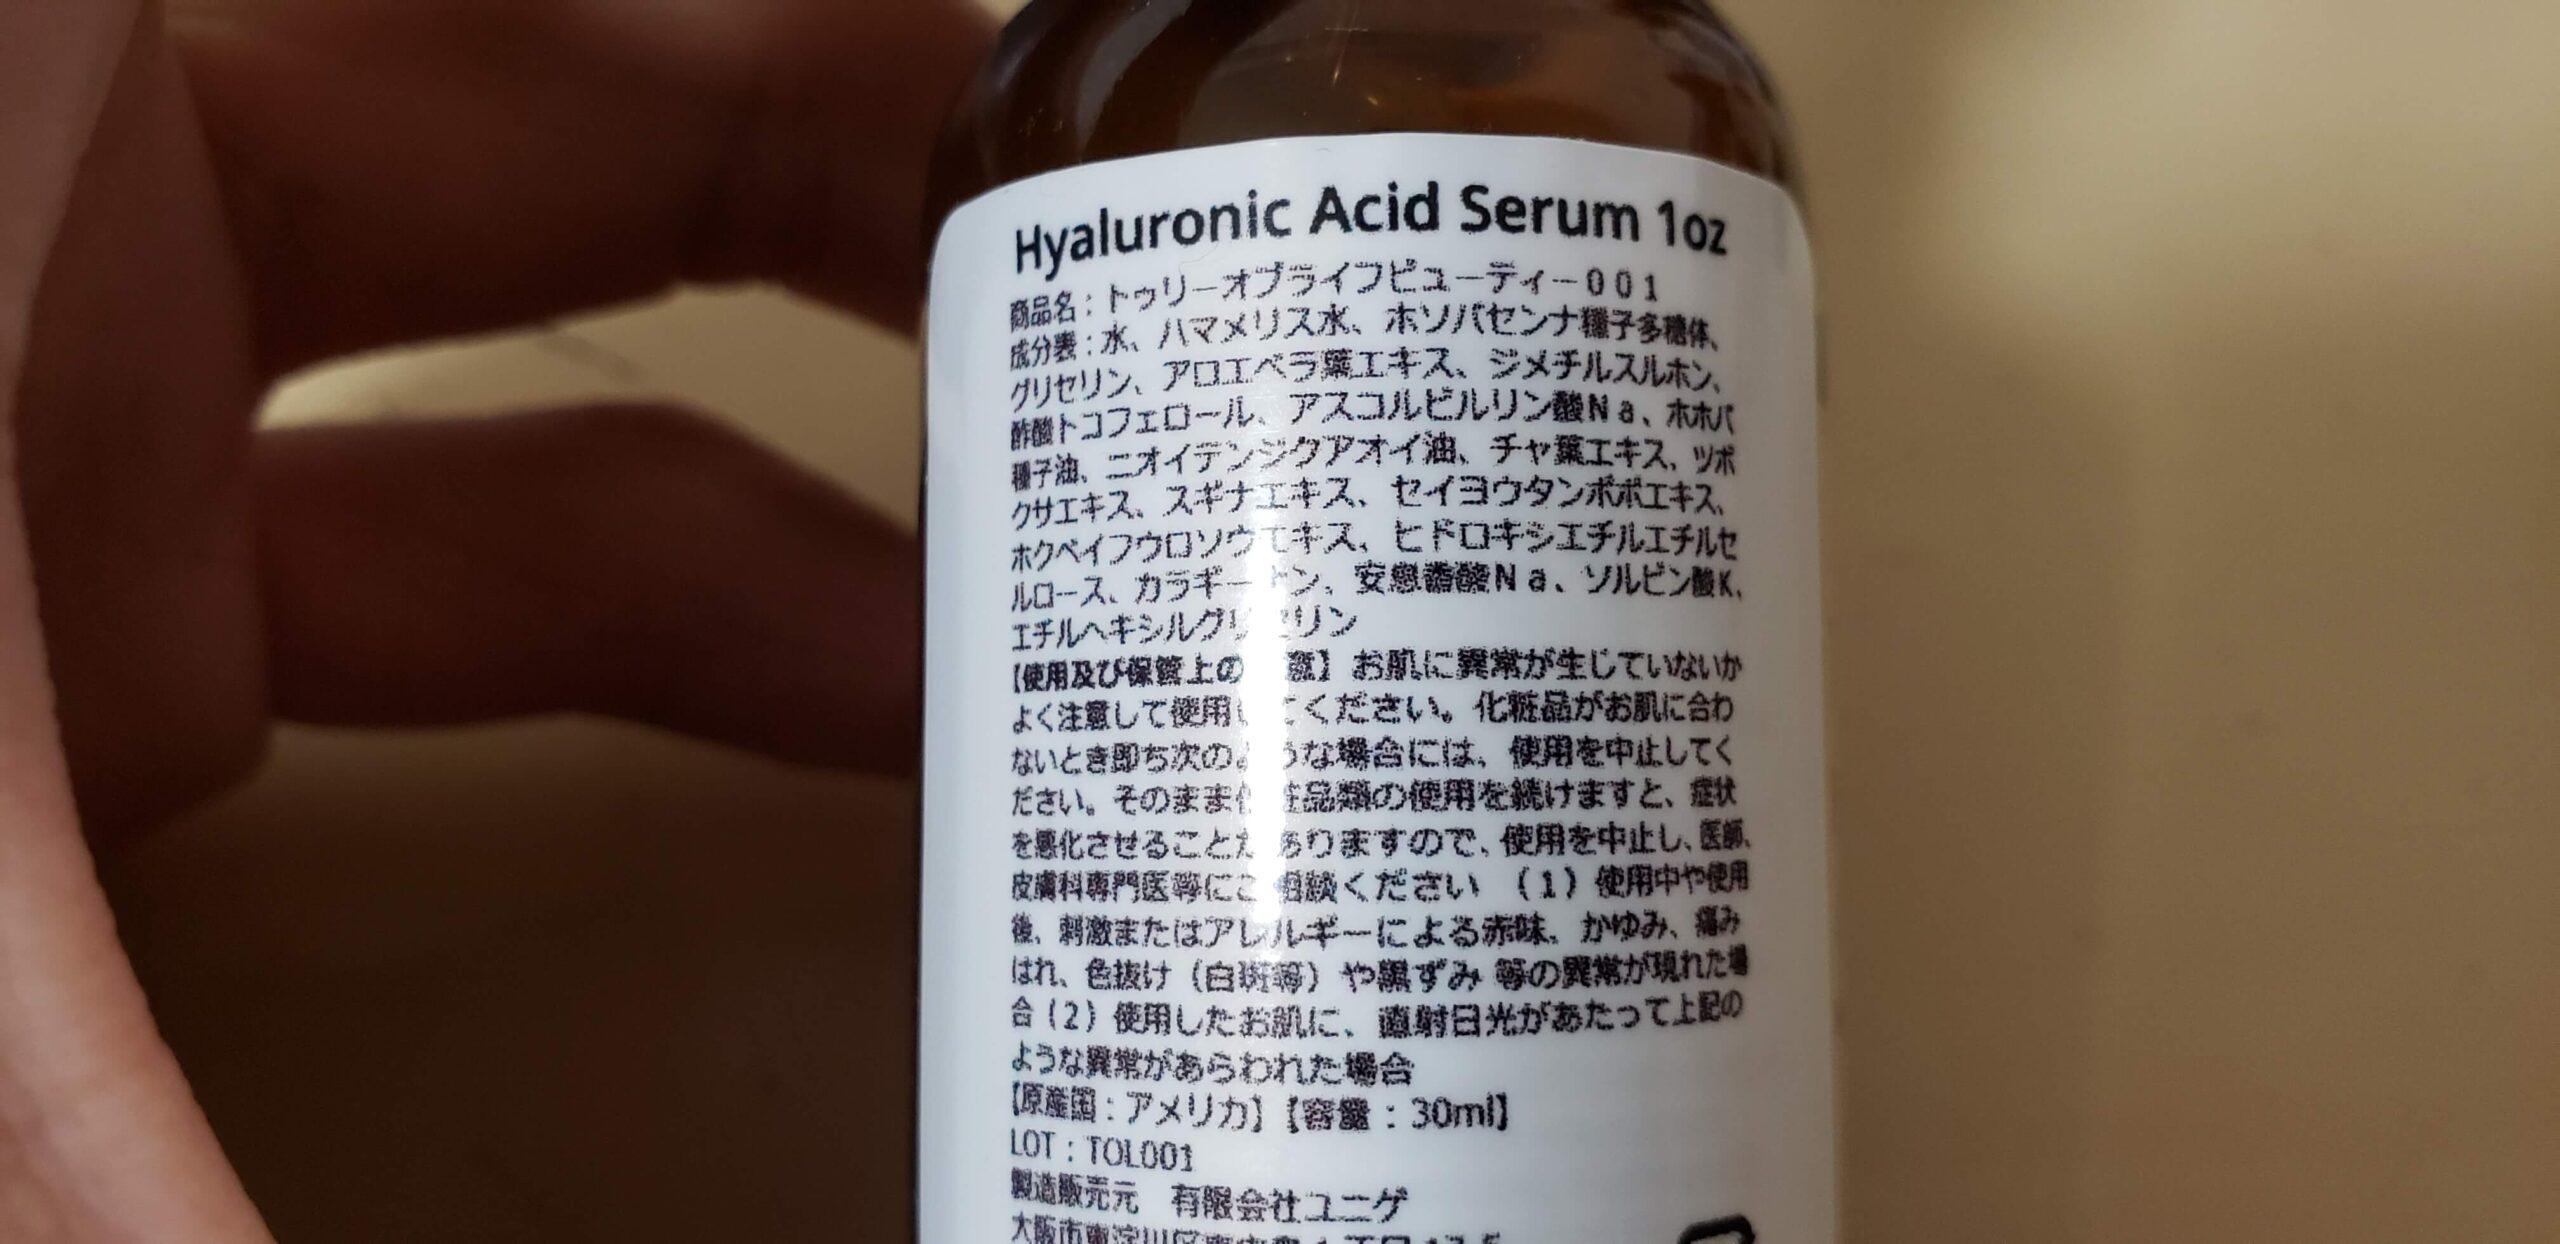 ヒアルロン酸セラム【HYARURONIC ACID SERUM】成分と効果